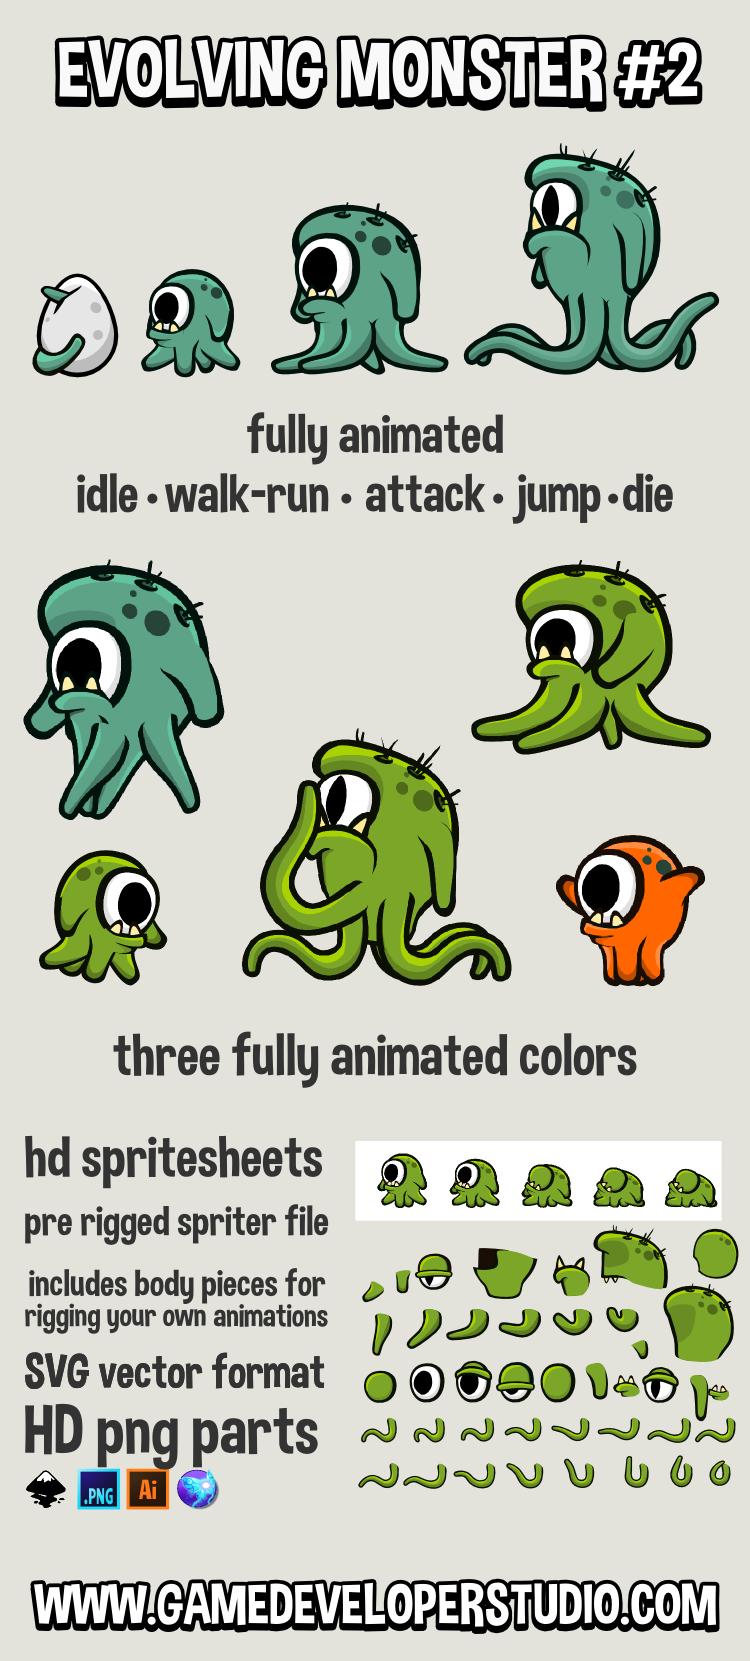 Animated evolving monster game asset